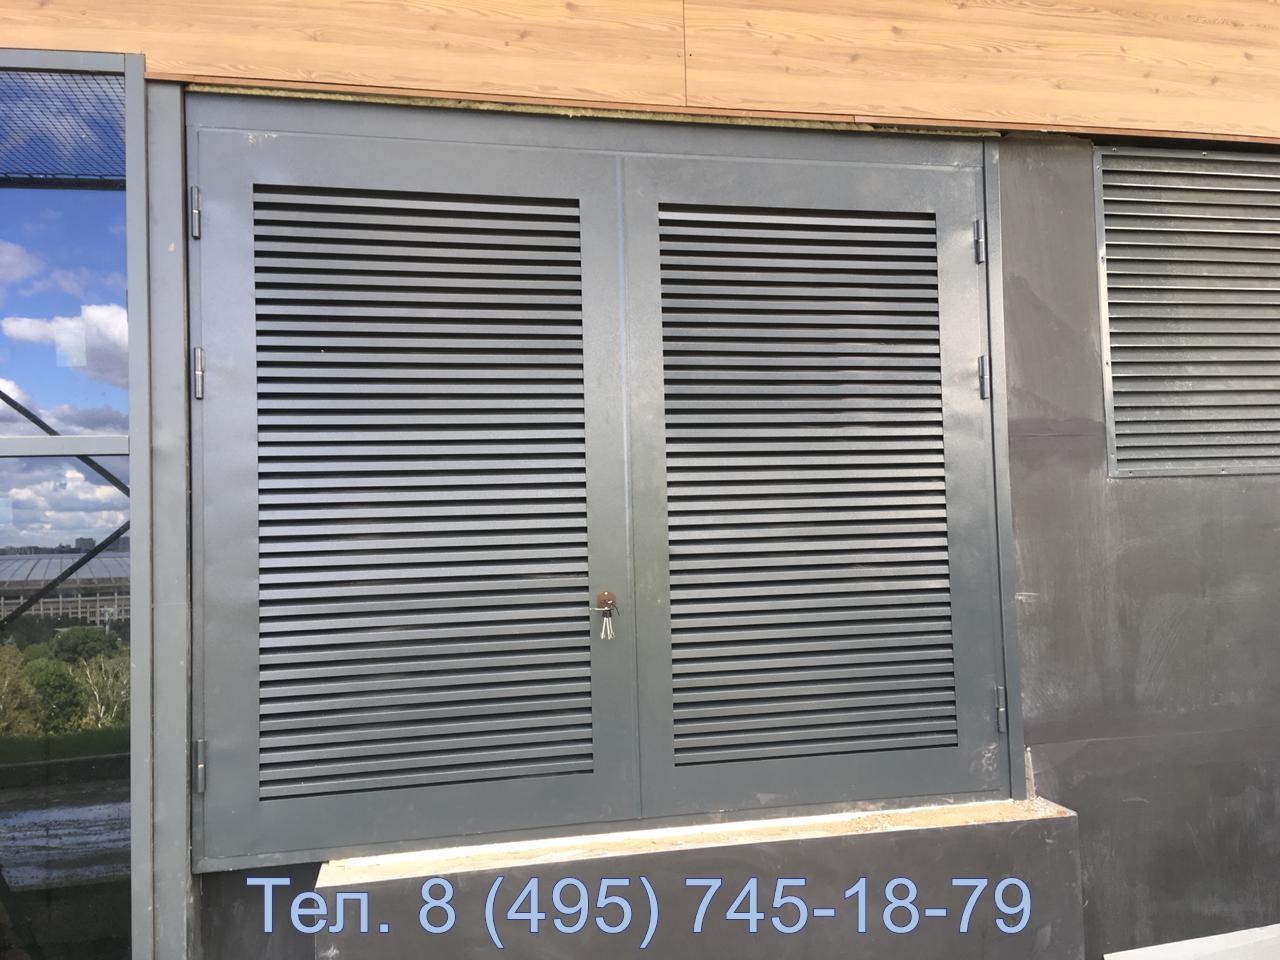 Металлические  трансформаторные ворота с жалюзийными вент решетками максимальной площадью.